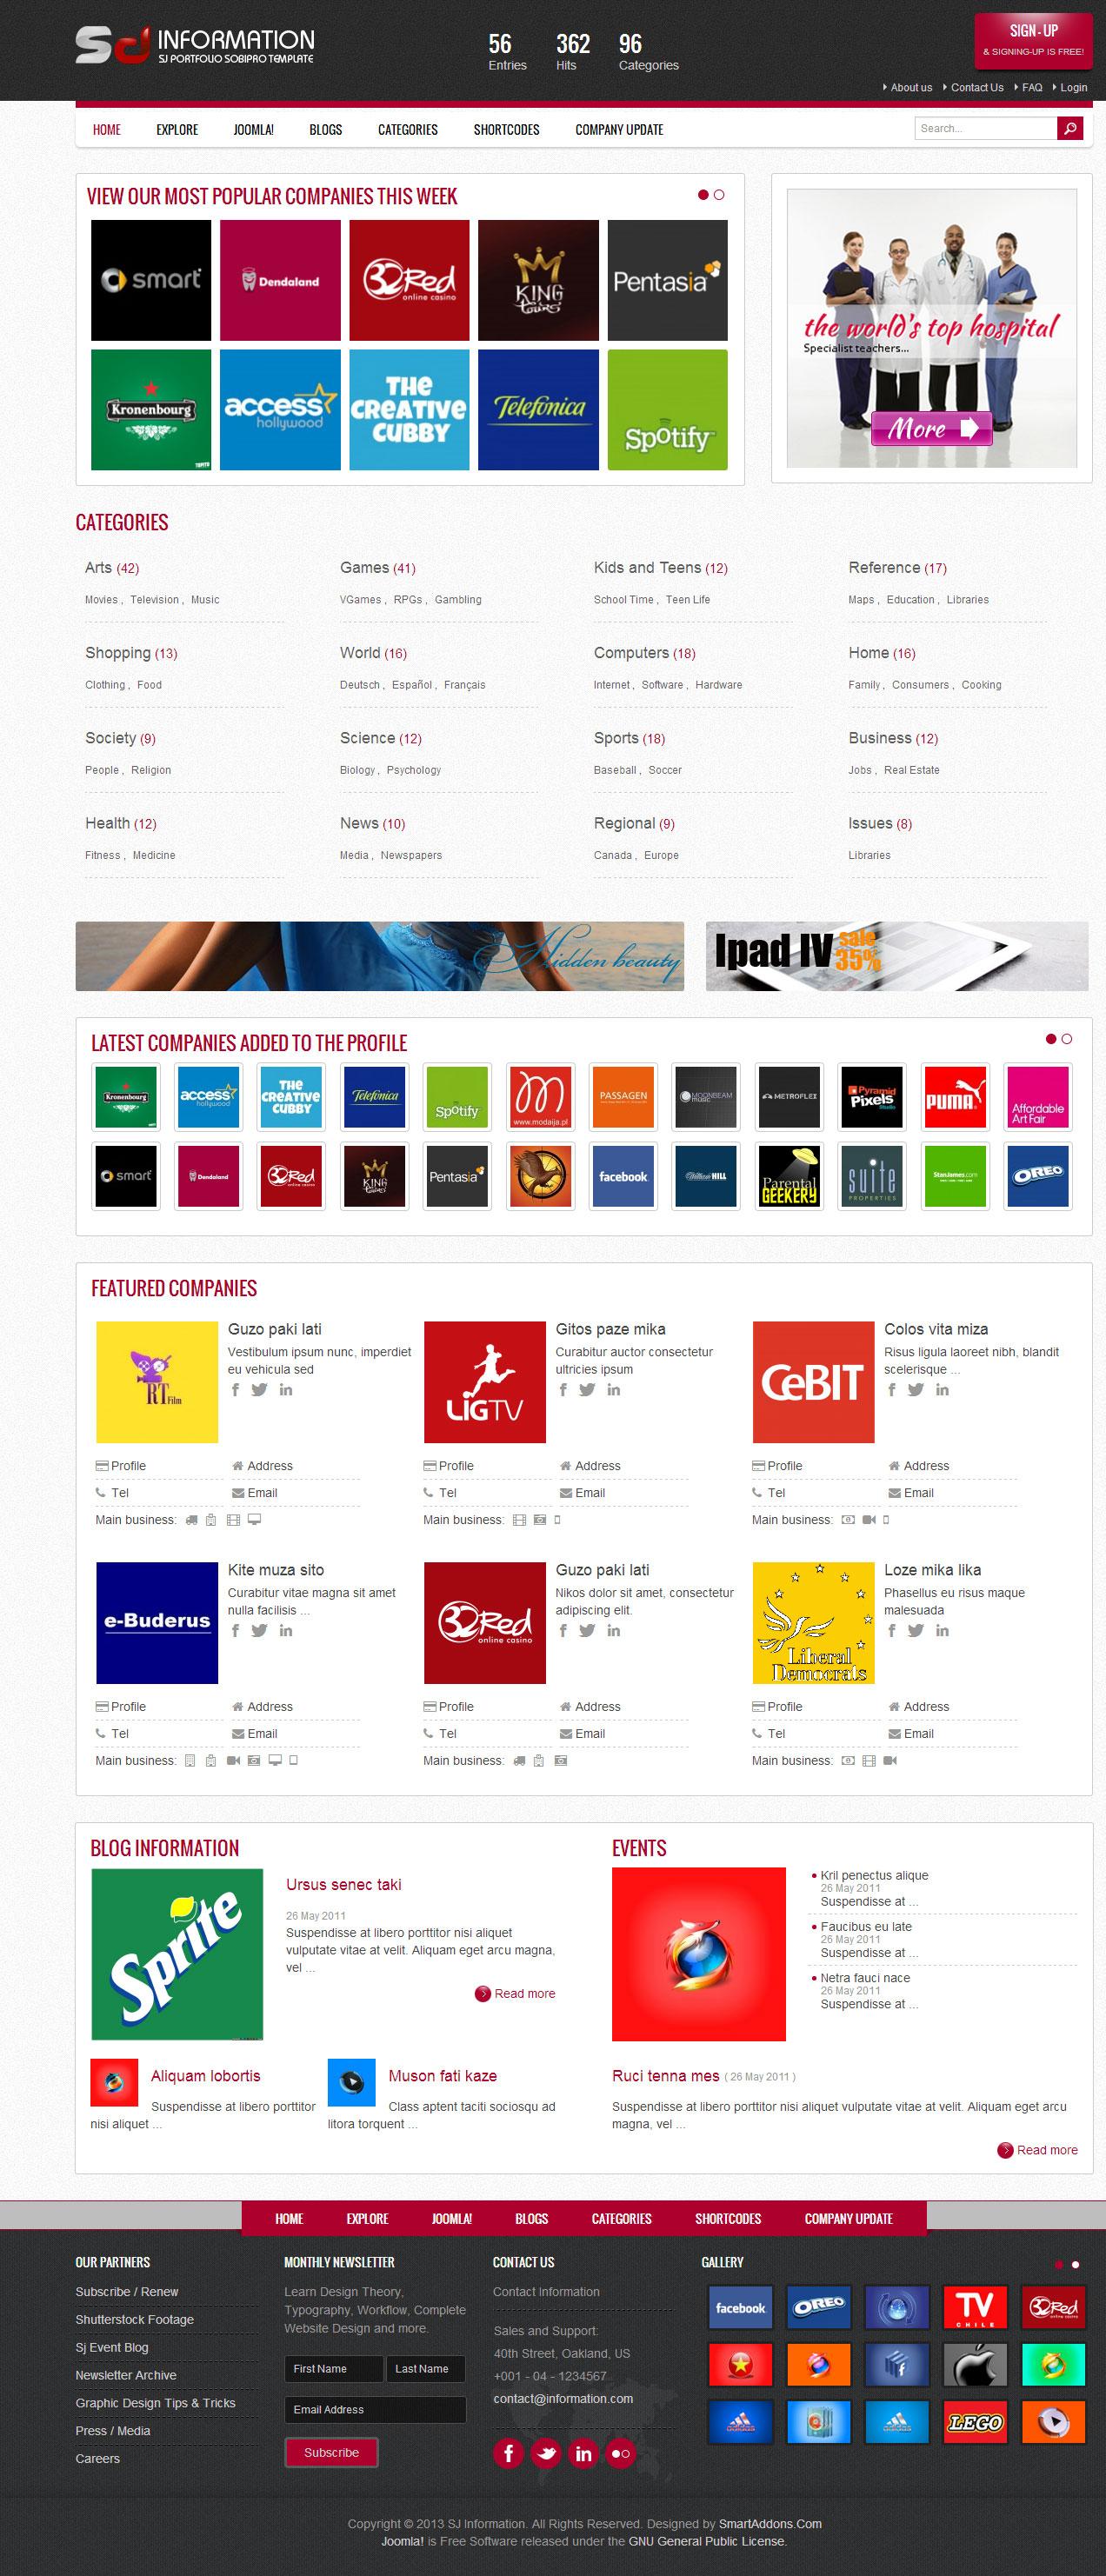 SJ information - Website thông tin doanh nghiệp